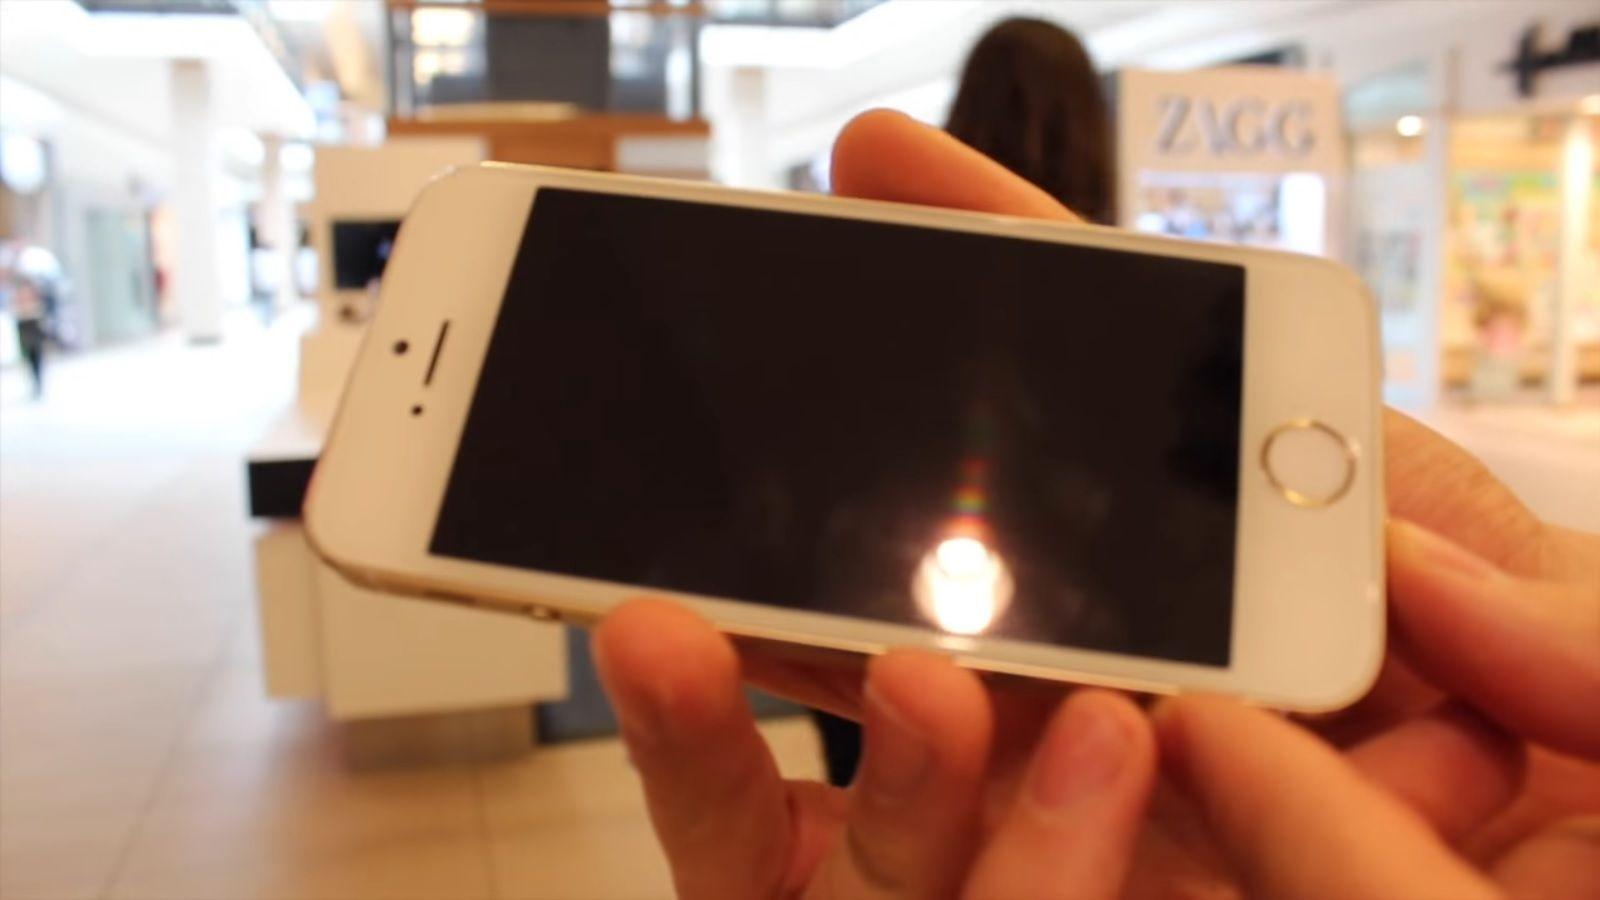 Imagen 2 de publicidad en youtube